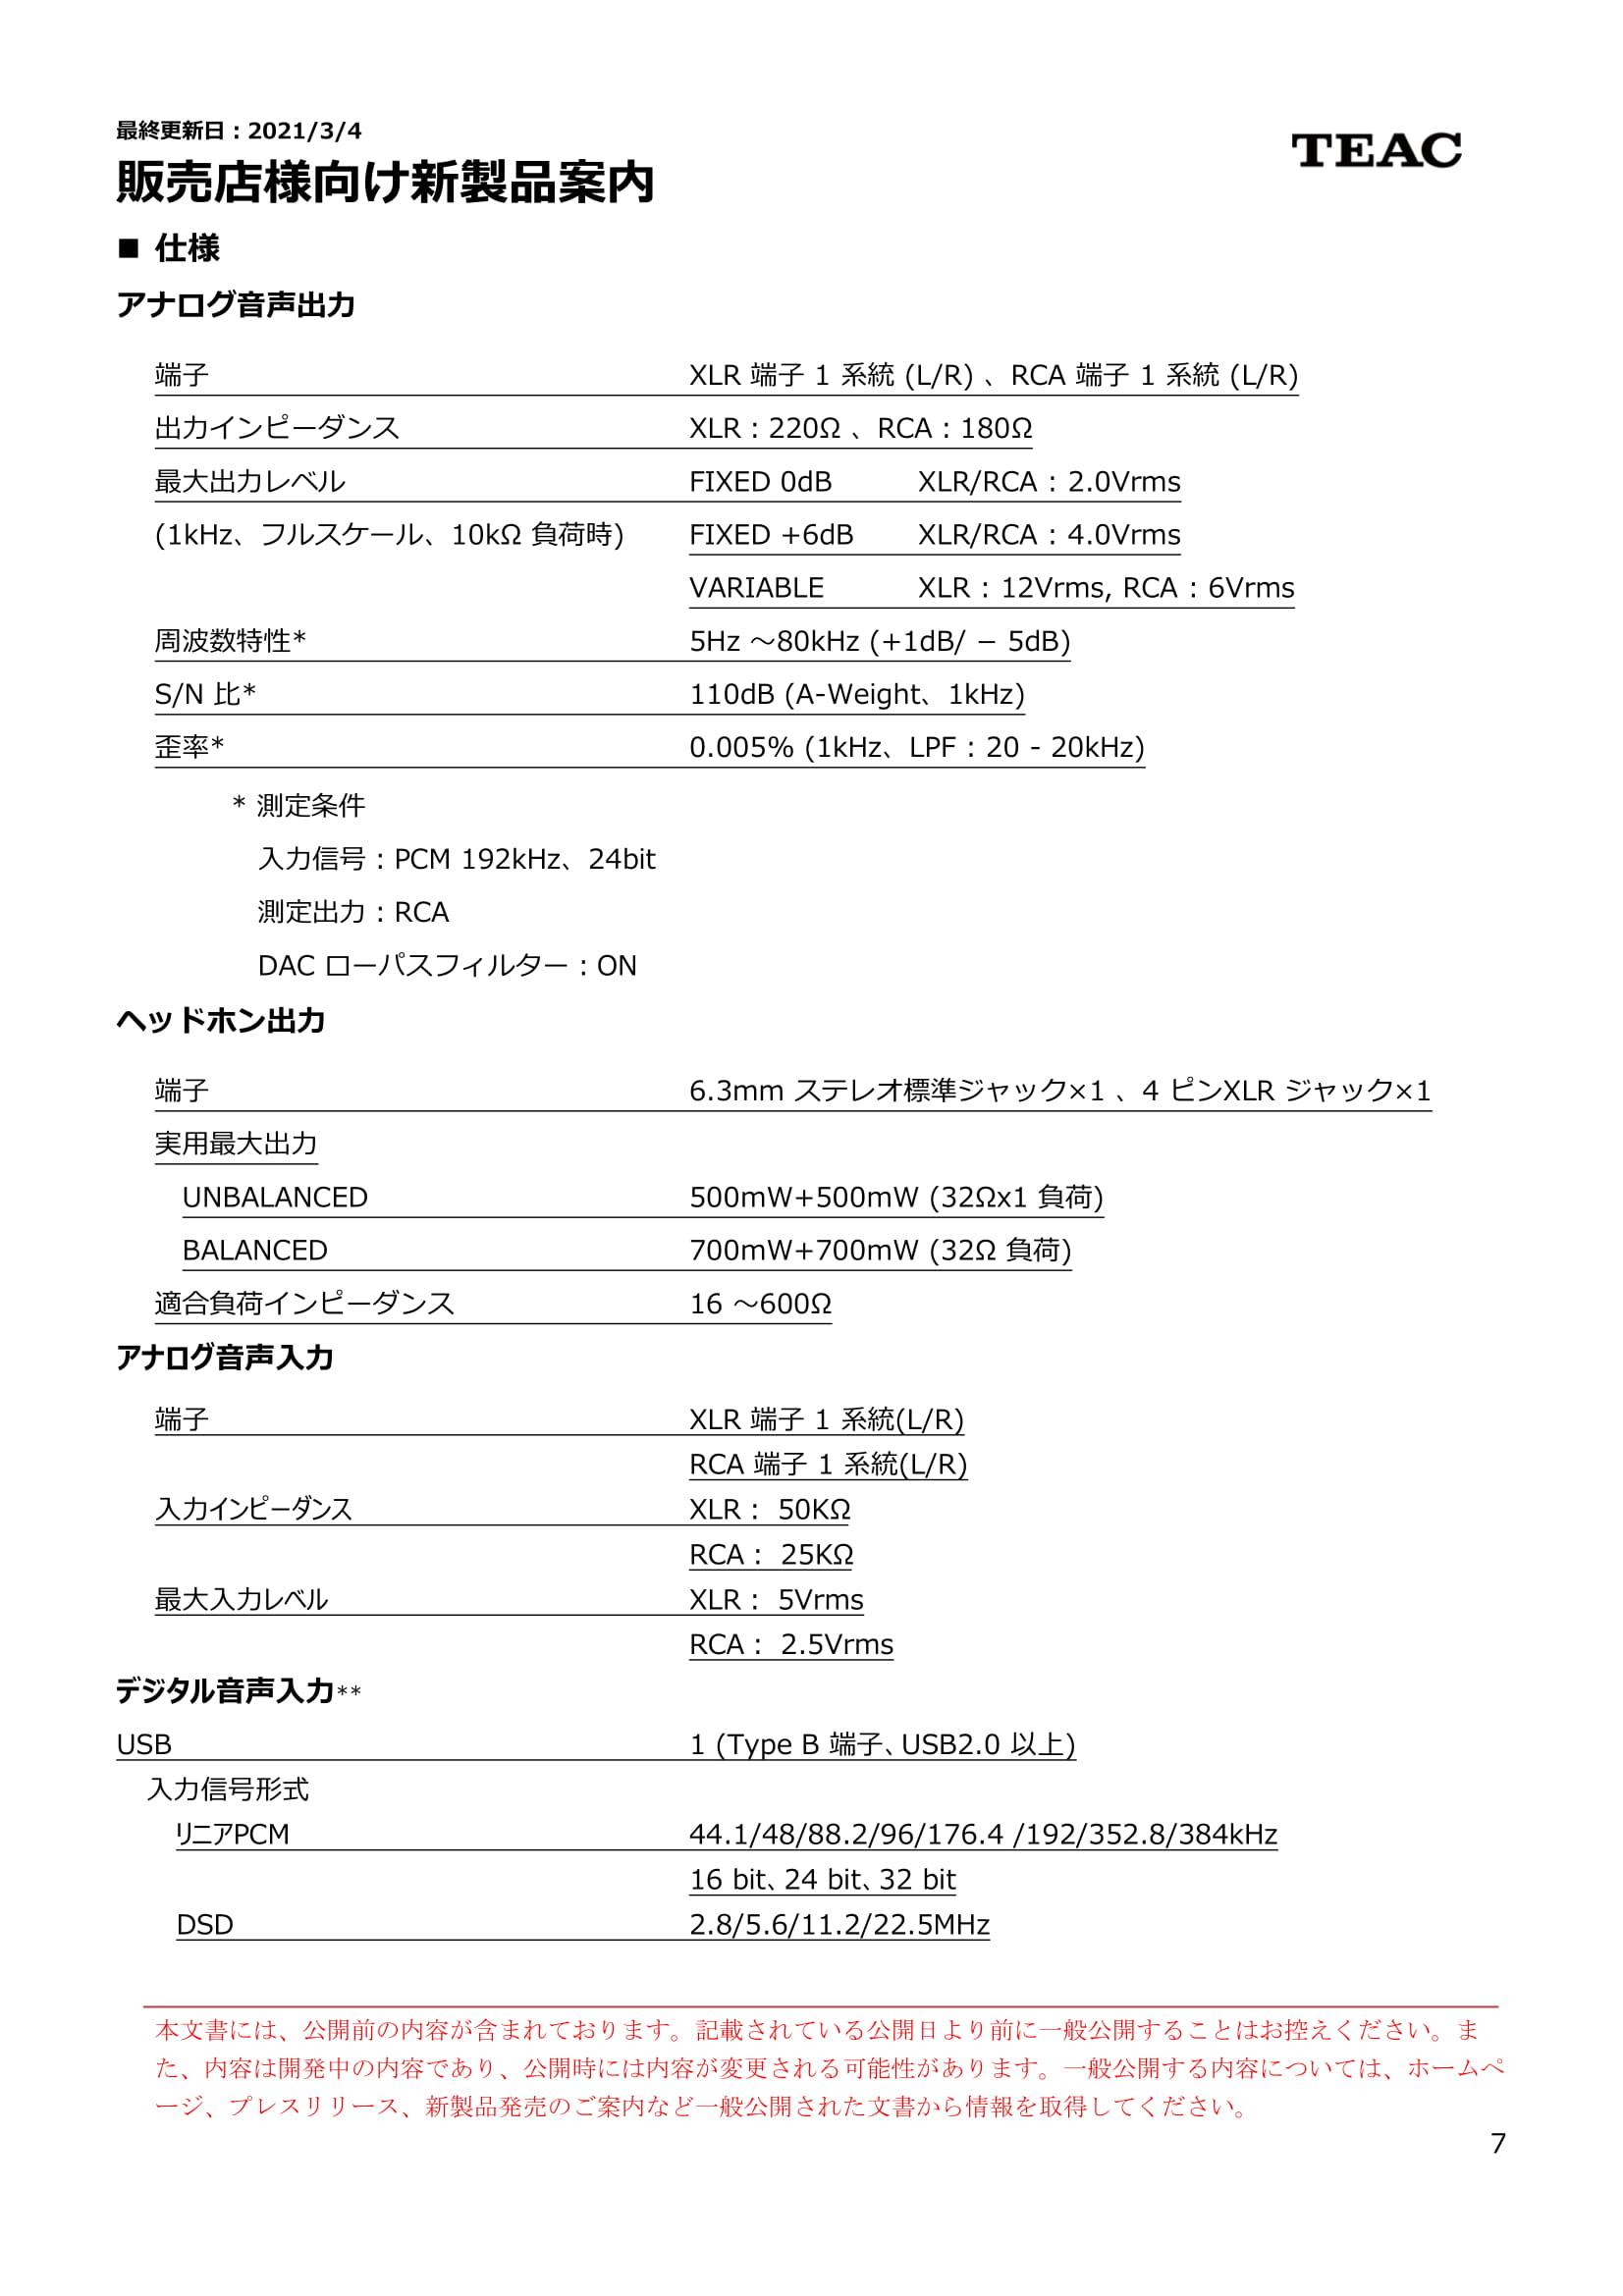 UD-701N_SNPI_210304-07.jpg